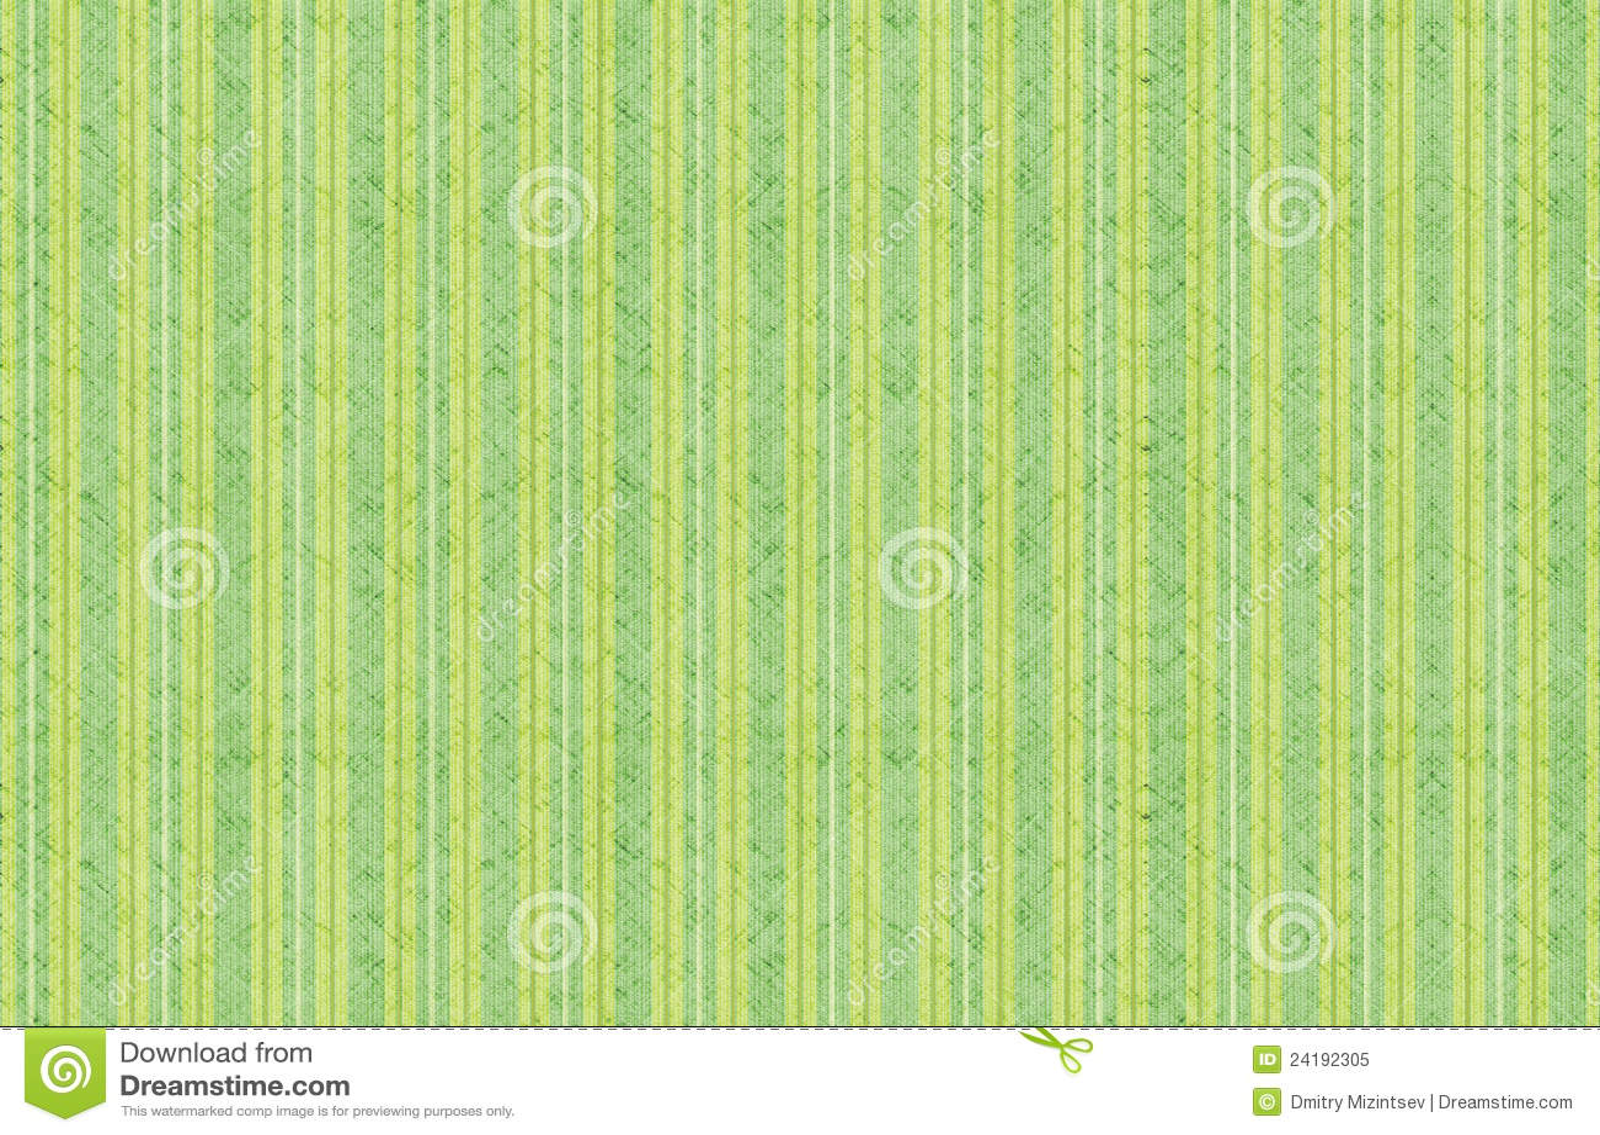 Carta Da Parati A Righe Verdi : Carta da parati a strisce immagine stock immagine di profilo